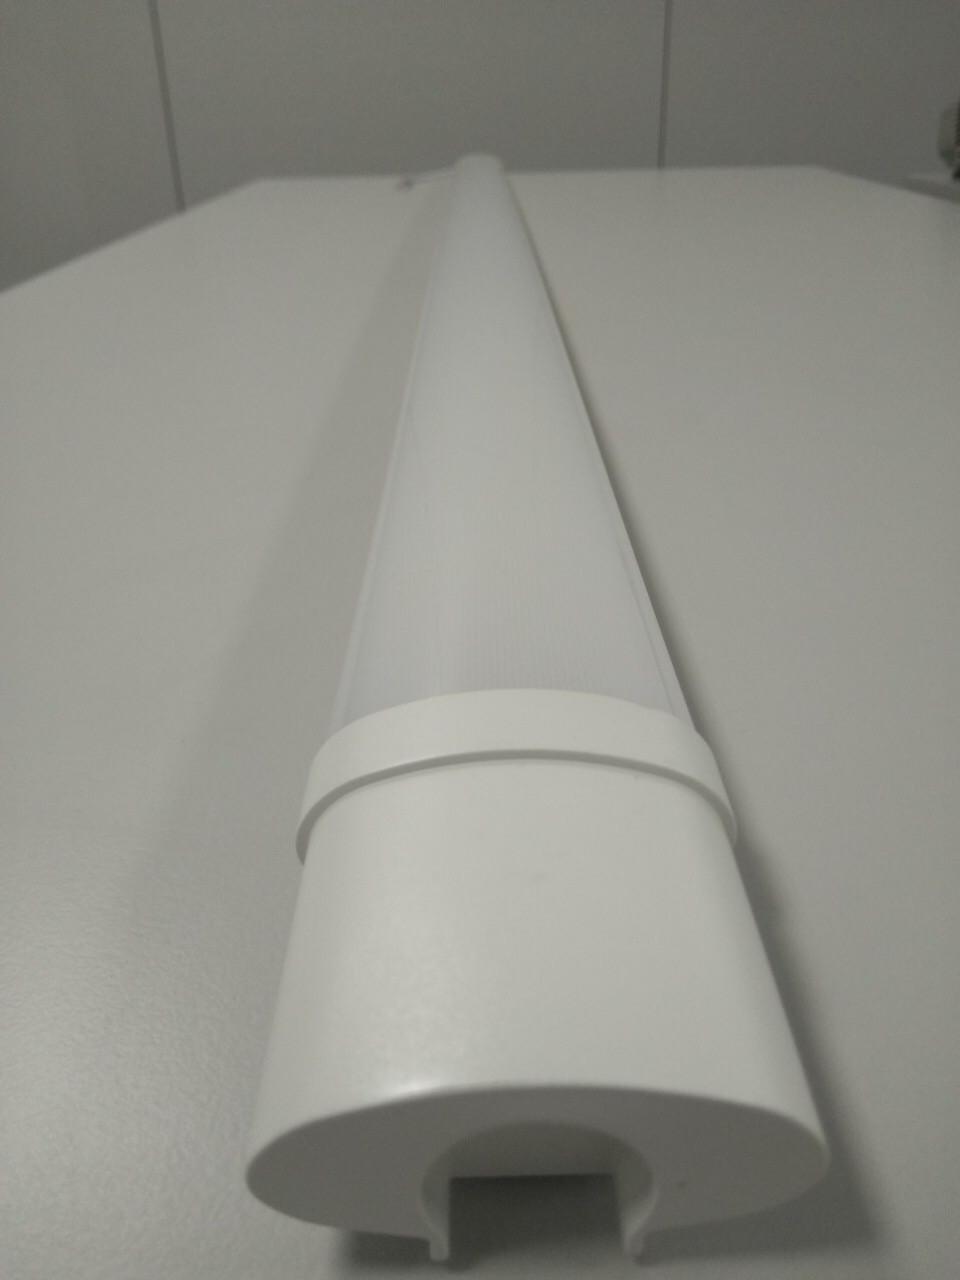 Светодиодный светильник Elmar DPL 9601S 18W 4200K 1530LM 0.6M IP65 (DPL.9601S.18.4200.IP65)